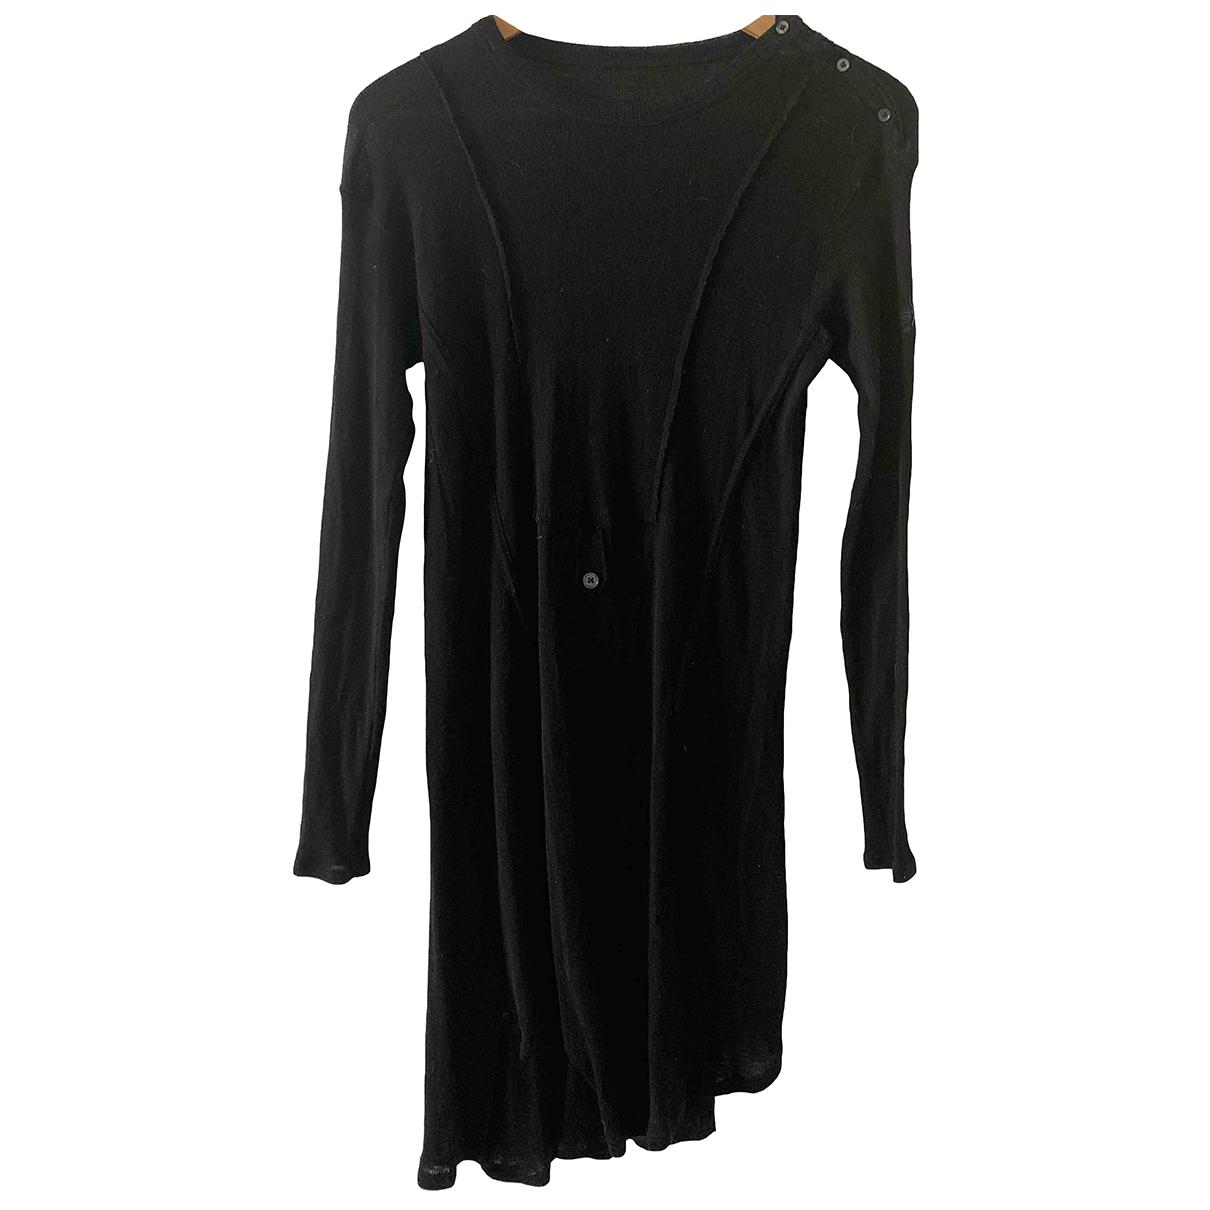 Zadig & Voltaire \N Kleid in  Schwarz Wolle